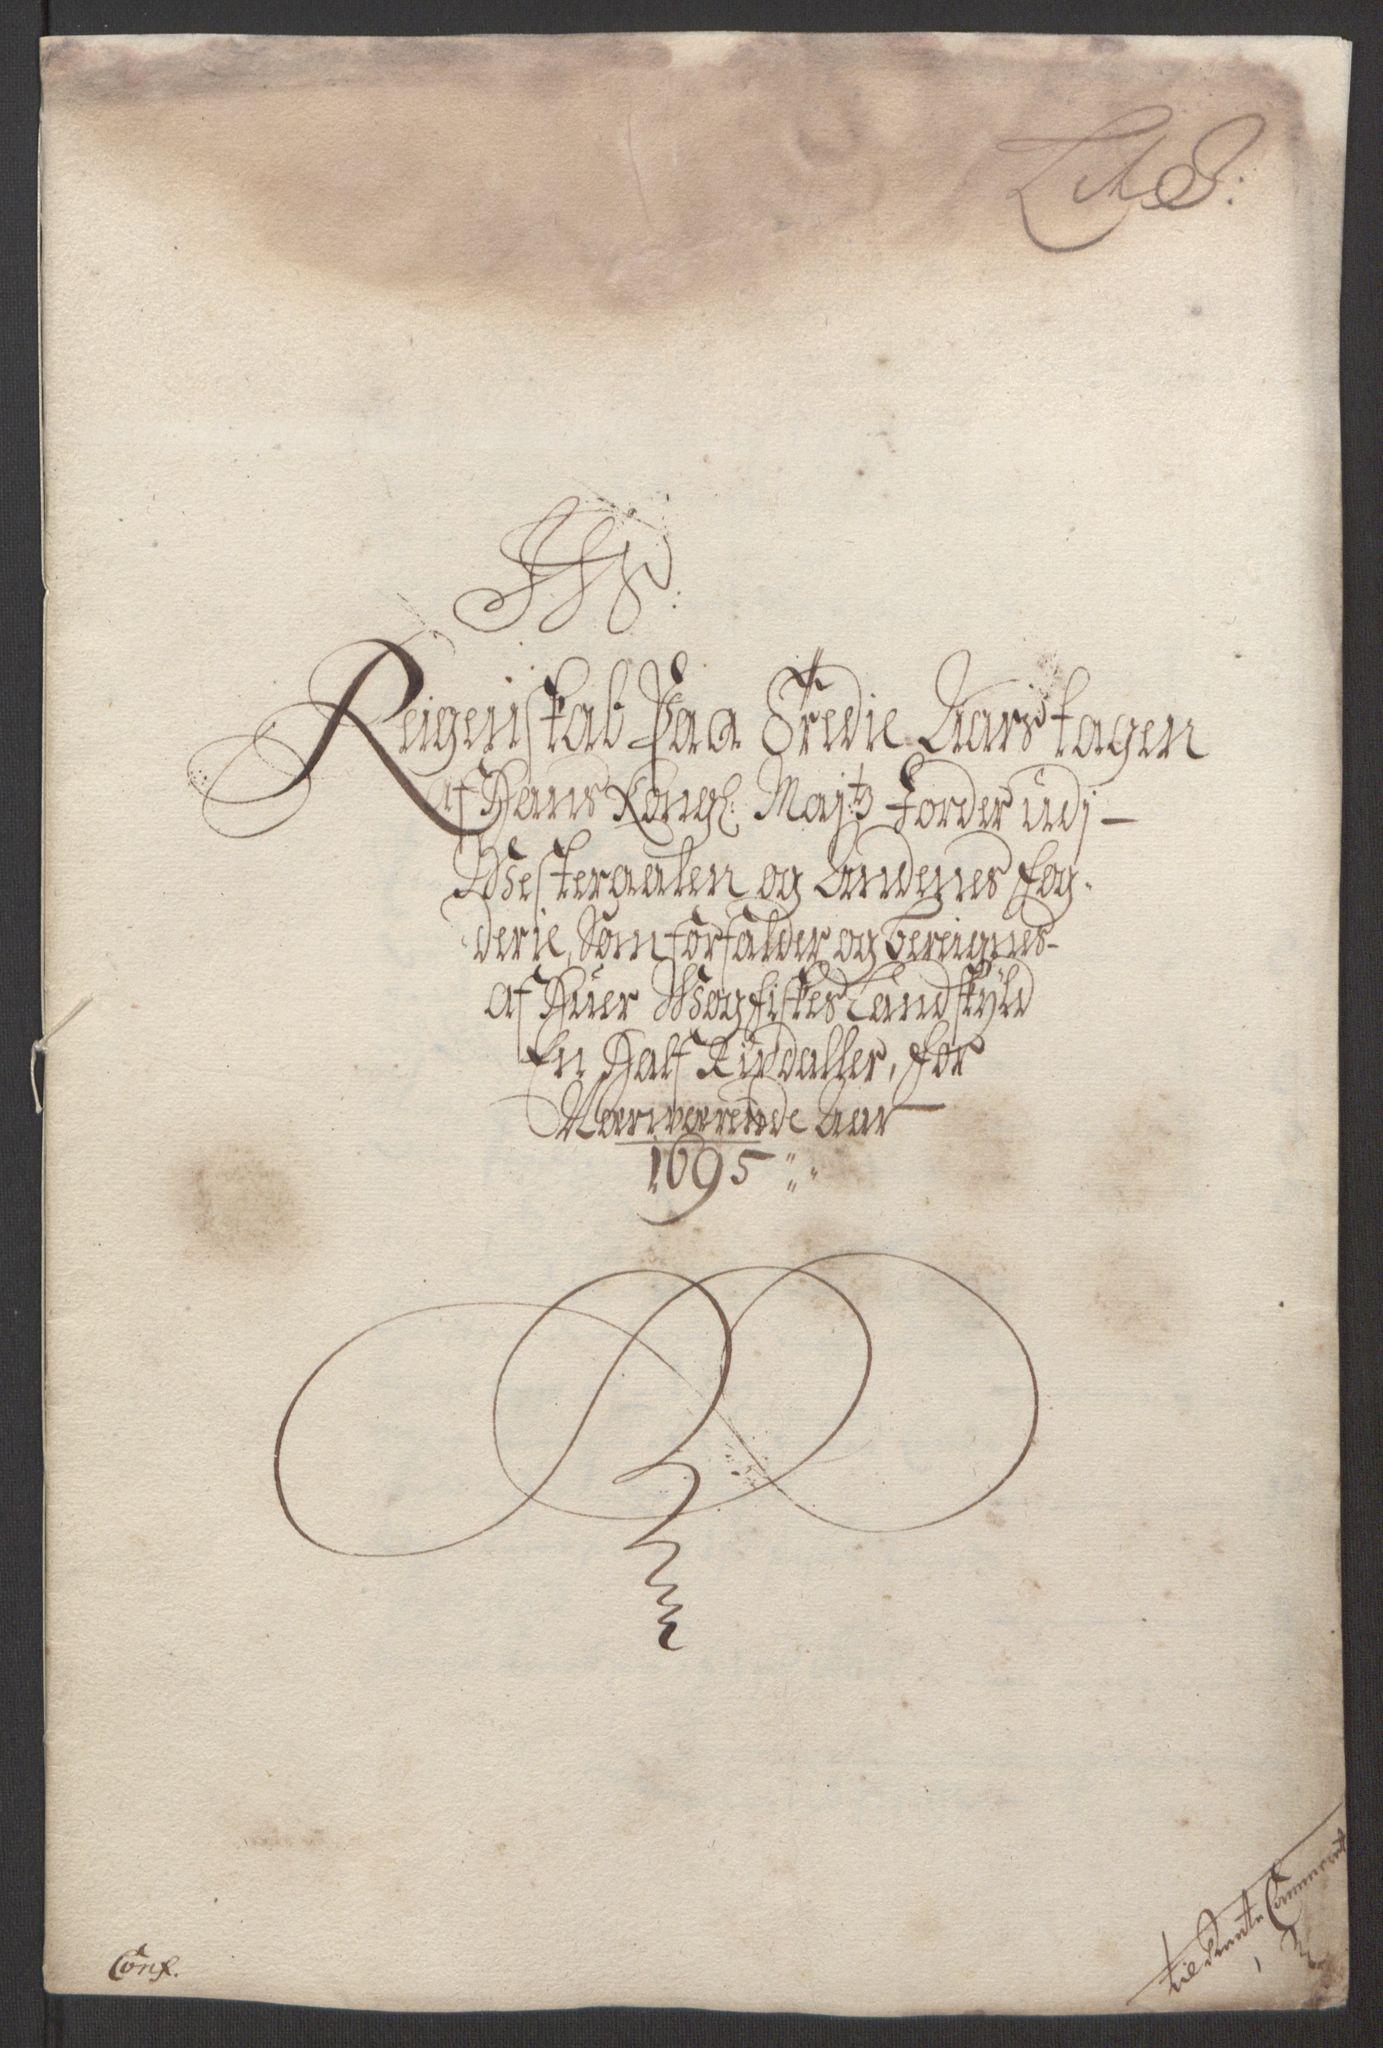 RA, Rentekammeret inntil 1814, Reviderte regnskaper, Fogderegnskap, R67/L4677: Fogderegnskap Vesterålen, Andenes og Lofoten, 1694-1695, s. 296